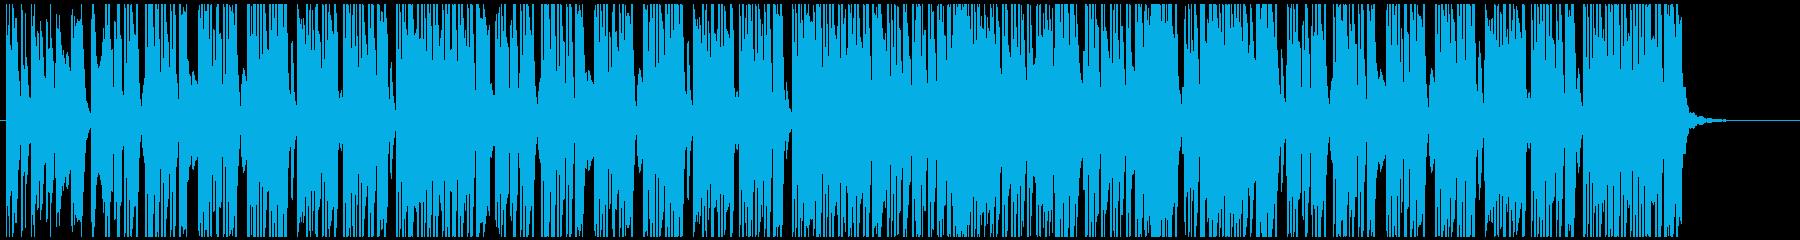 楽しくかわいい動画に。エンターティナー!の再生済みの波形